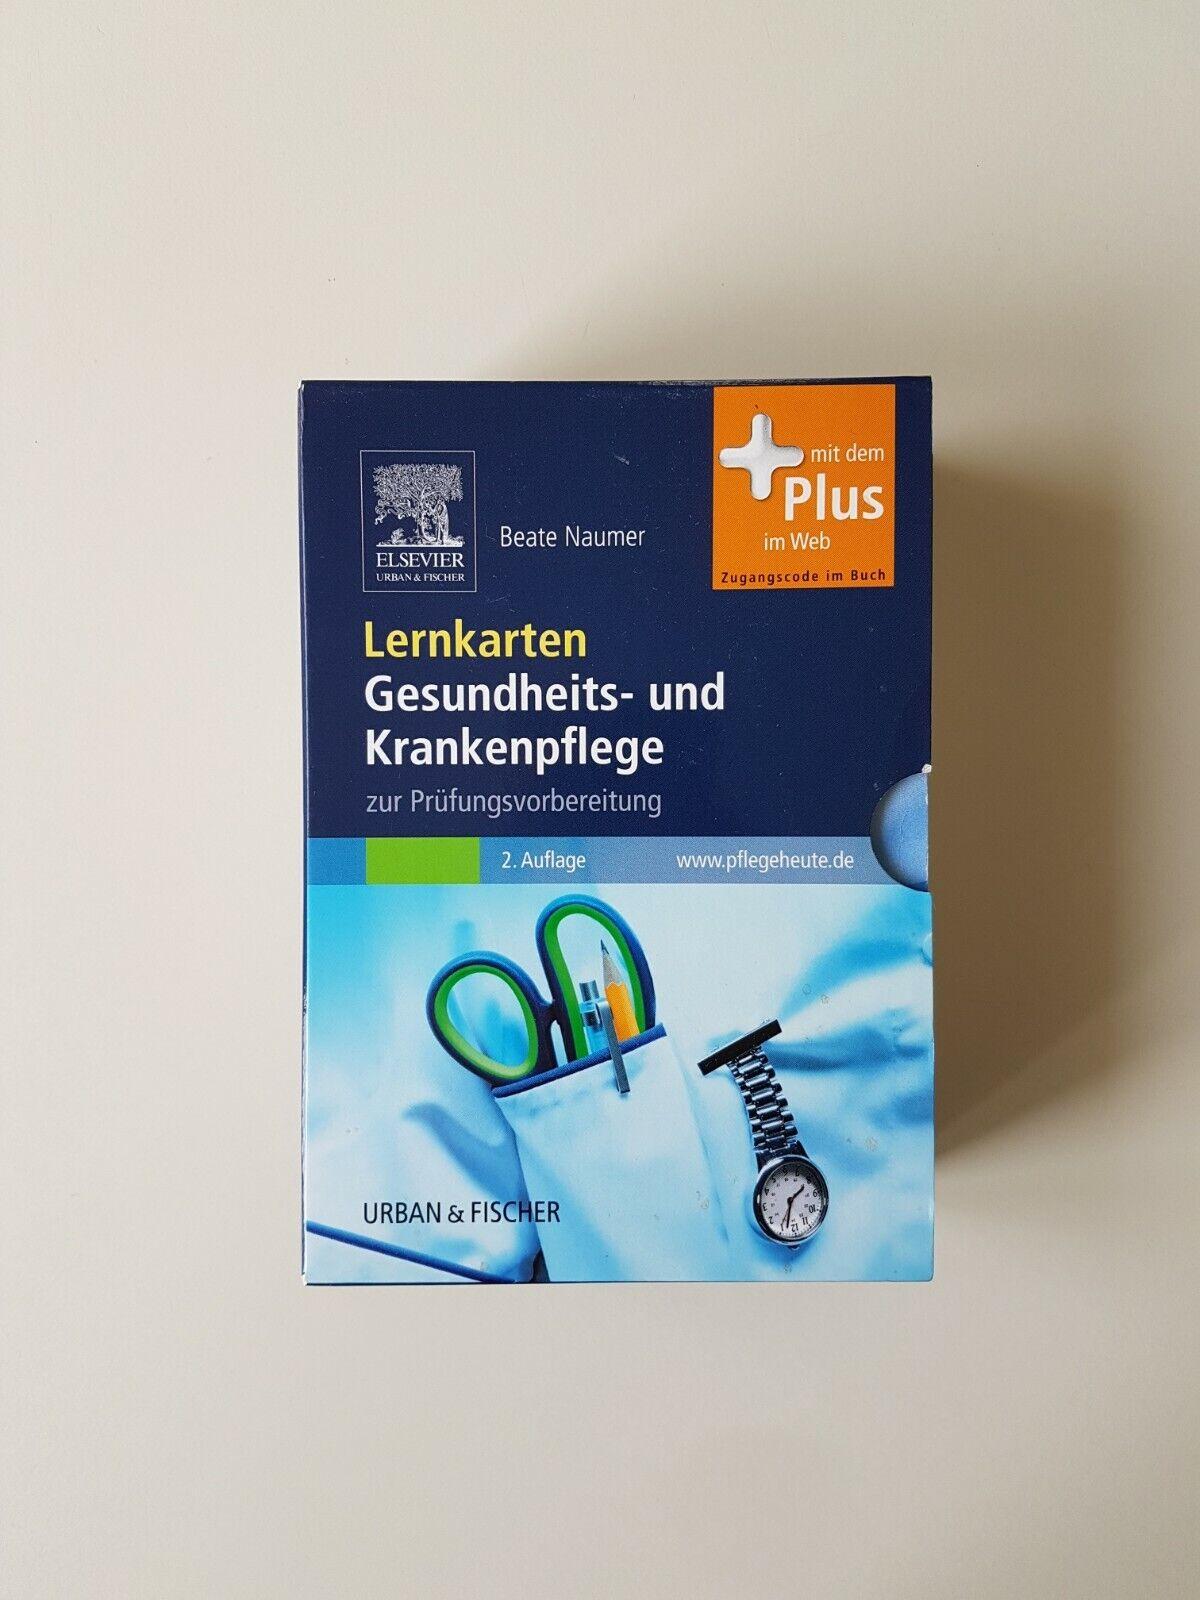 Lernkarten Gesundheits- und Krankenpflege (2010, Box) - Beate Naumer